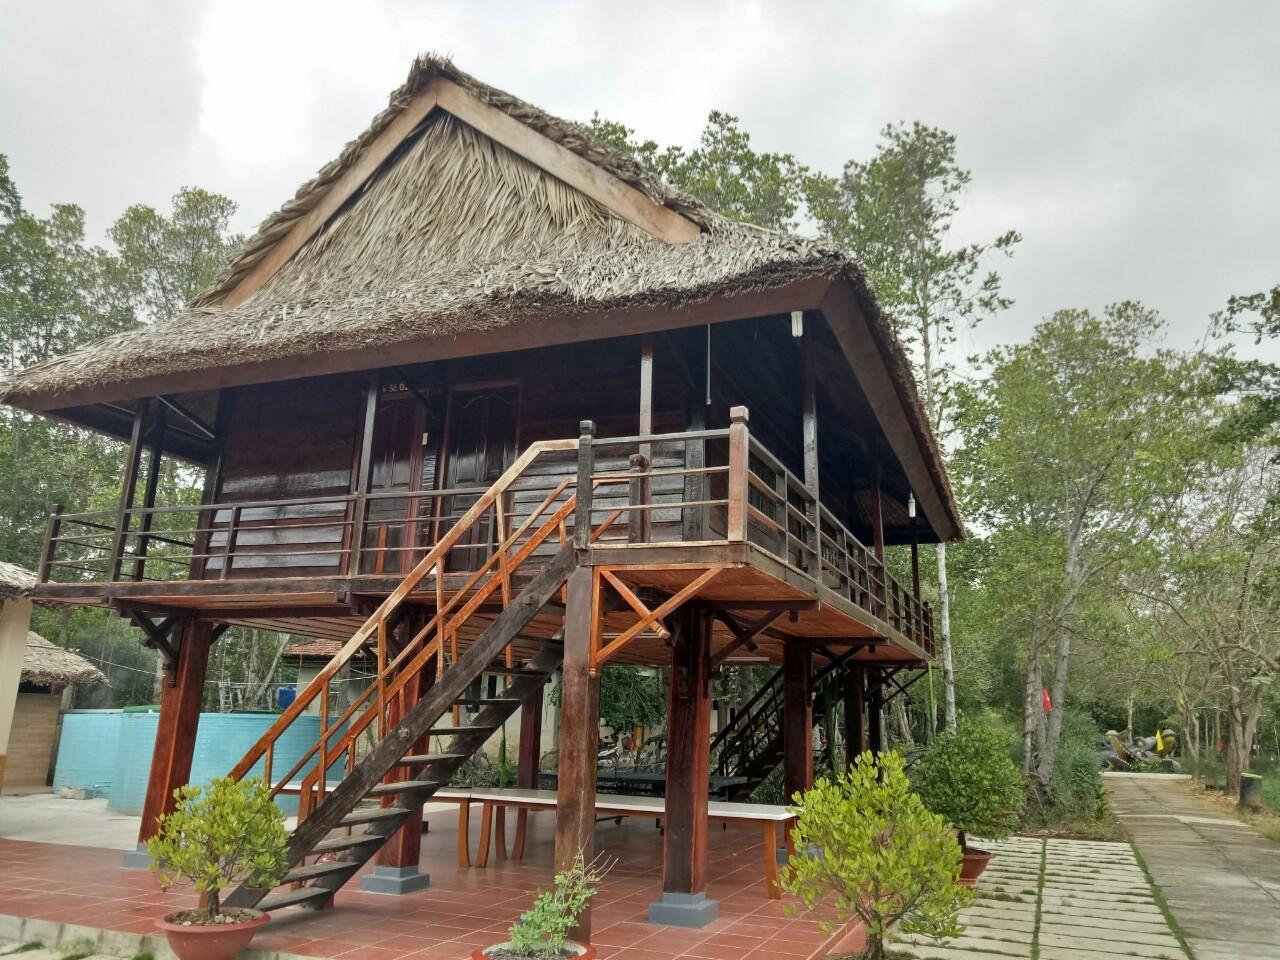 Tour Khám Phá Sân Chim Rừng Ngập Mặn Cần Giờ